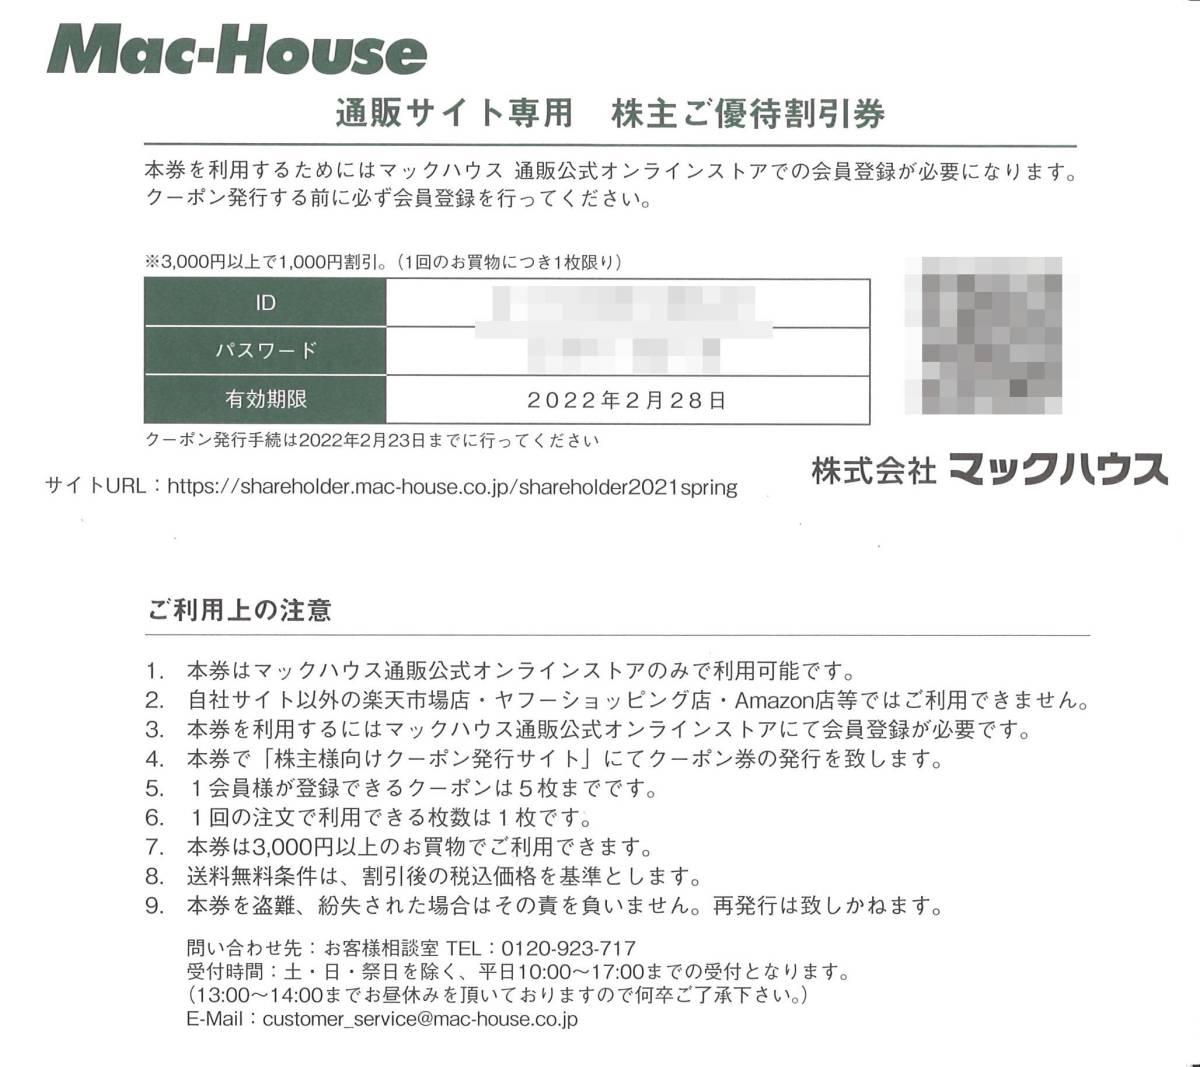 マックハウス 株主優待 通販サイト専用 株主ご優待割引券(1枚) 有効期限:2022.2.28【コード通知送料無料】 Mac-House オンラインショップ_画像1